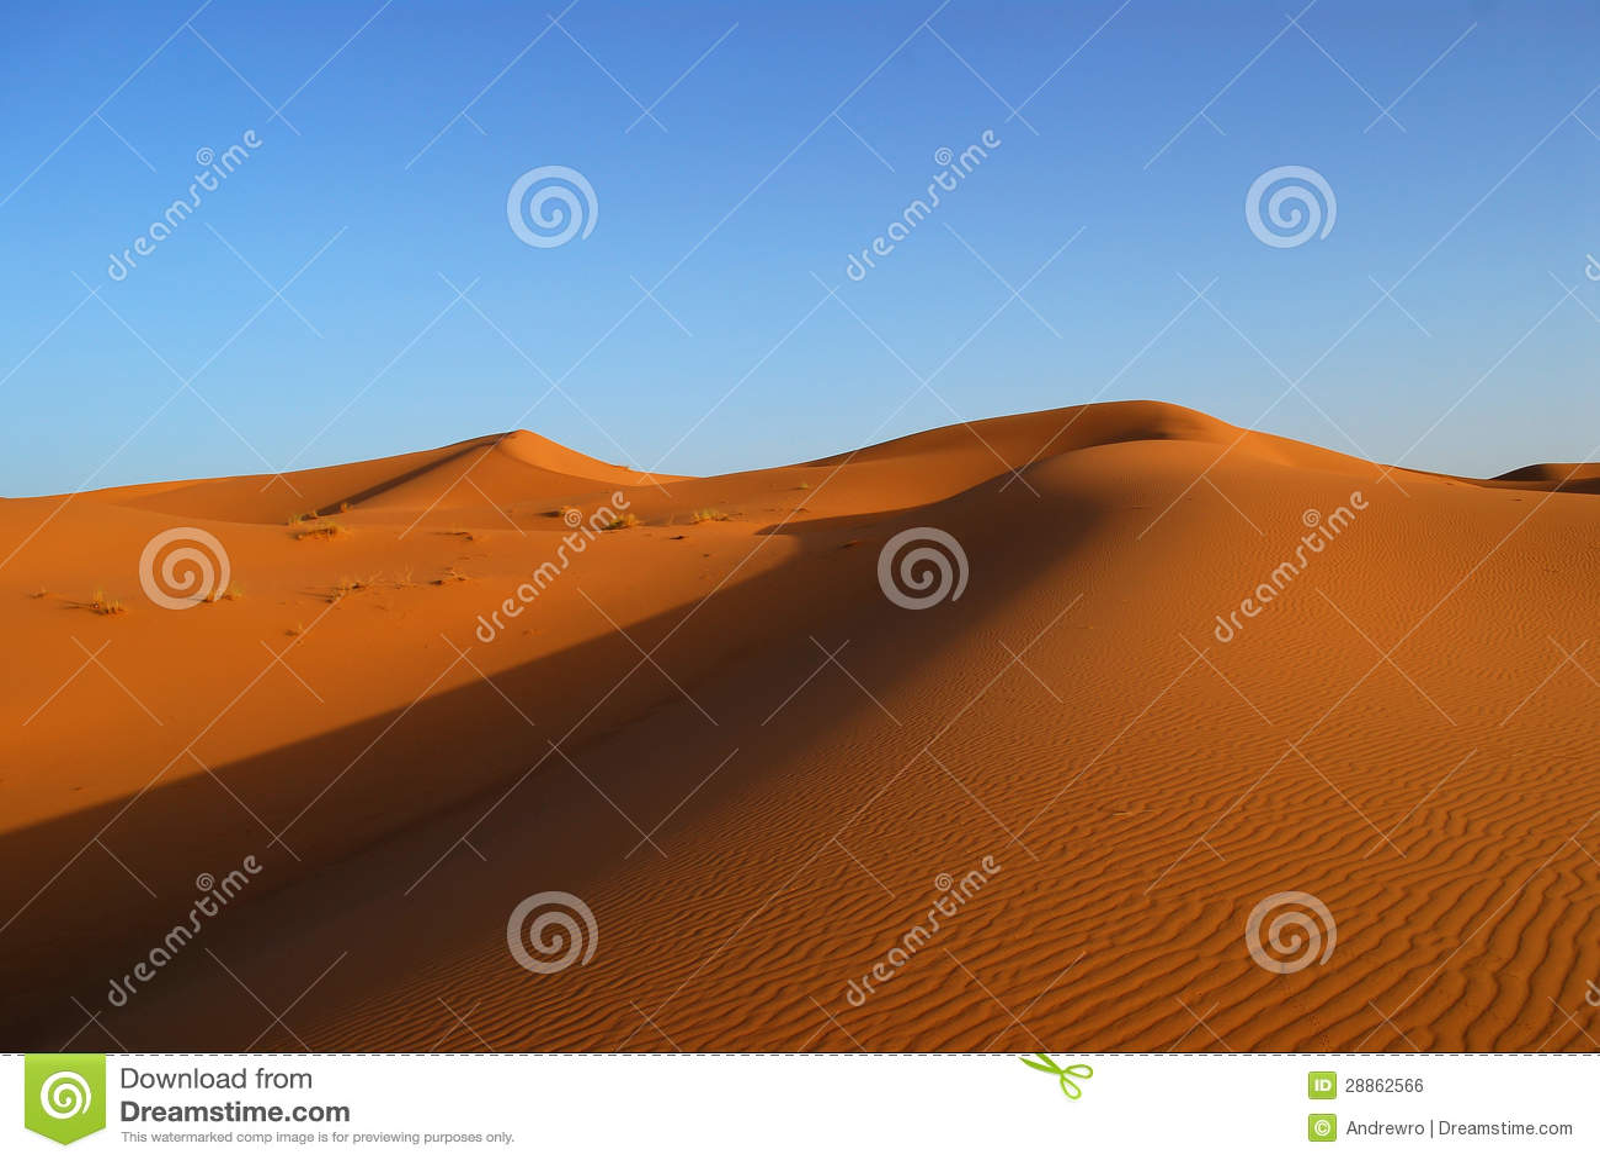 Dunes of Sahara Desert